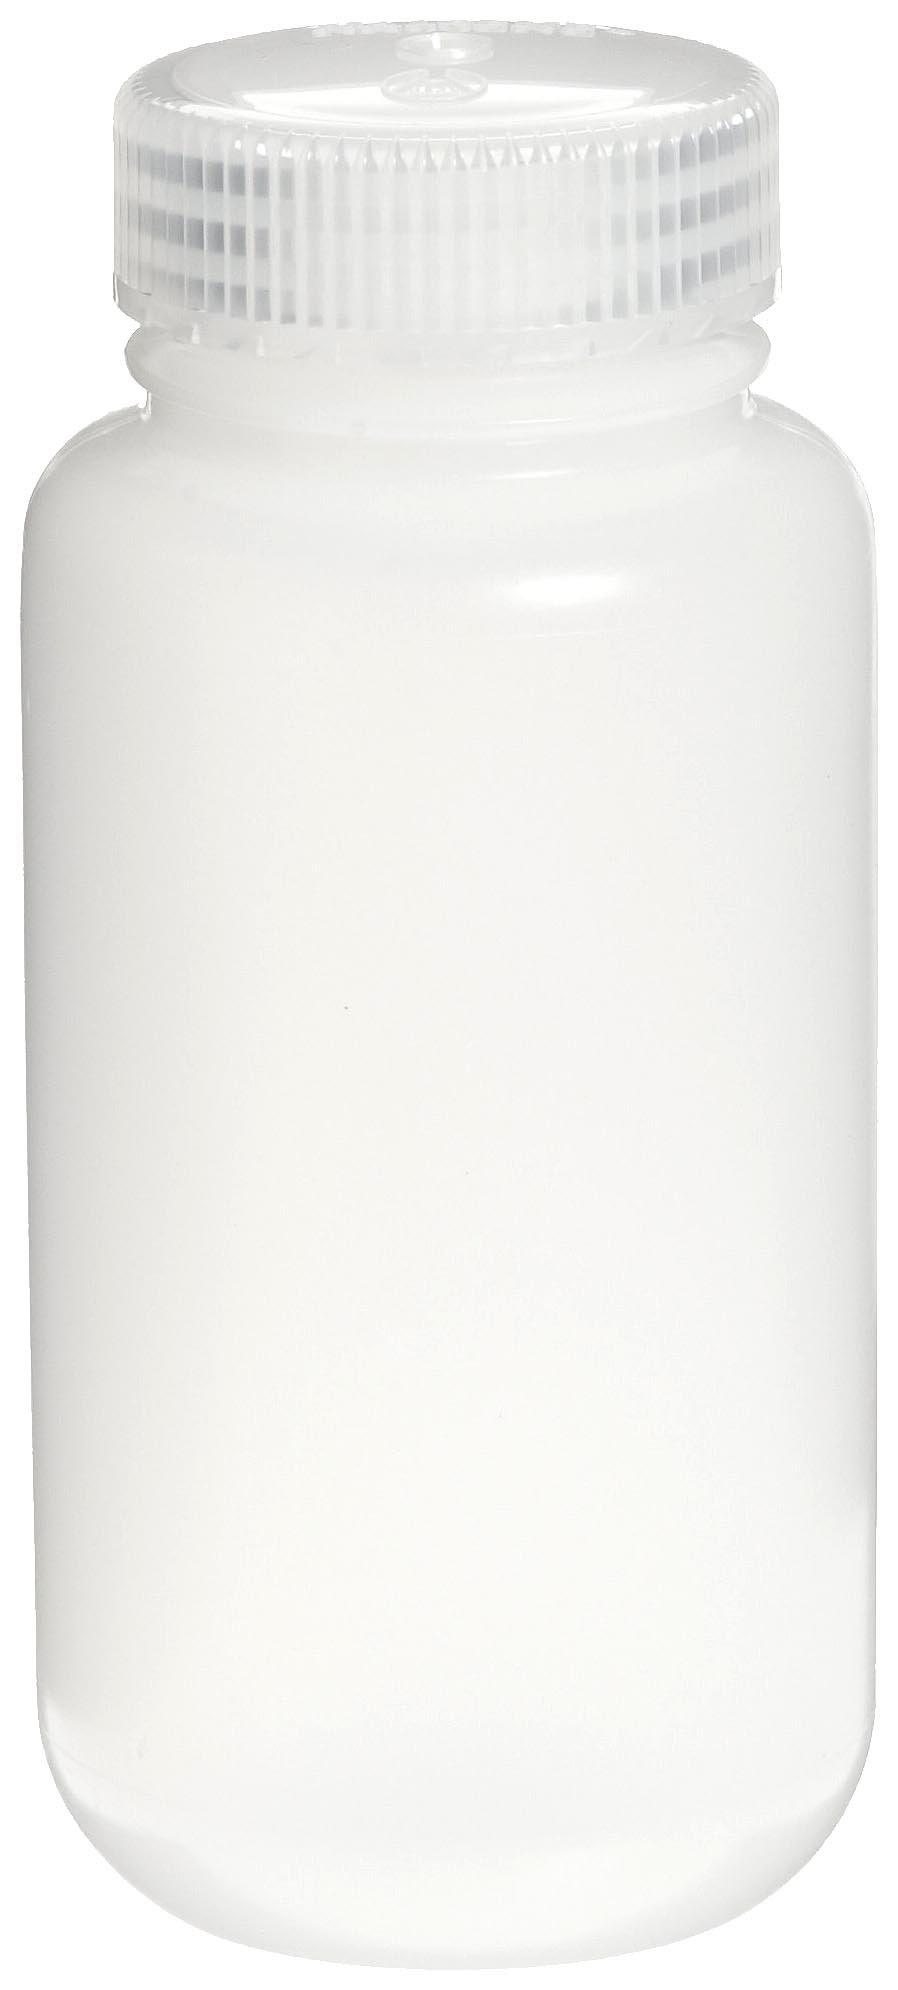 Nalgene 2189-0008 Wide-Mouth Lab Sample Bottle, HDPE, Economy, 250mL (Case of 72)